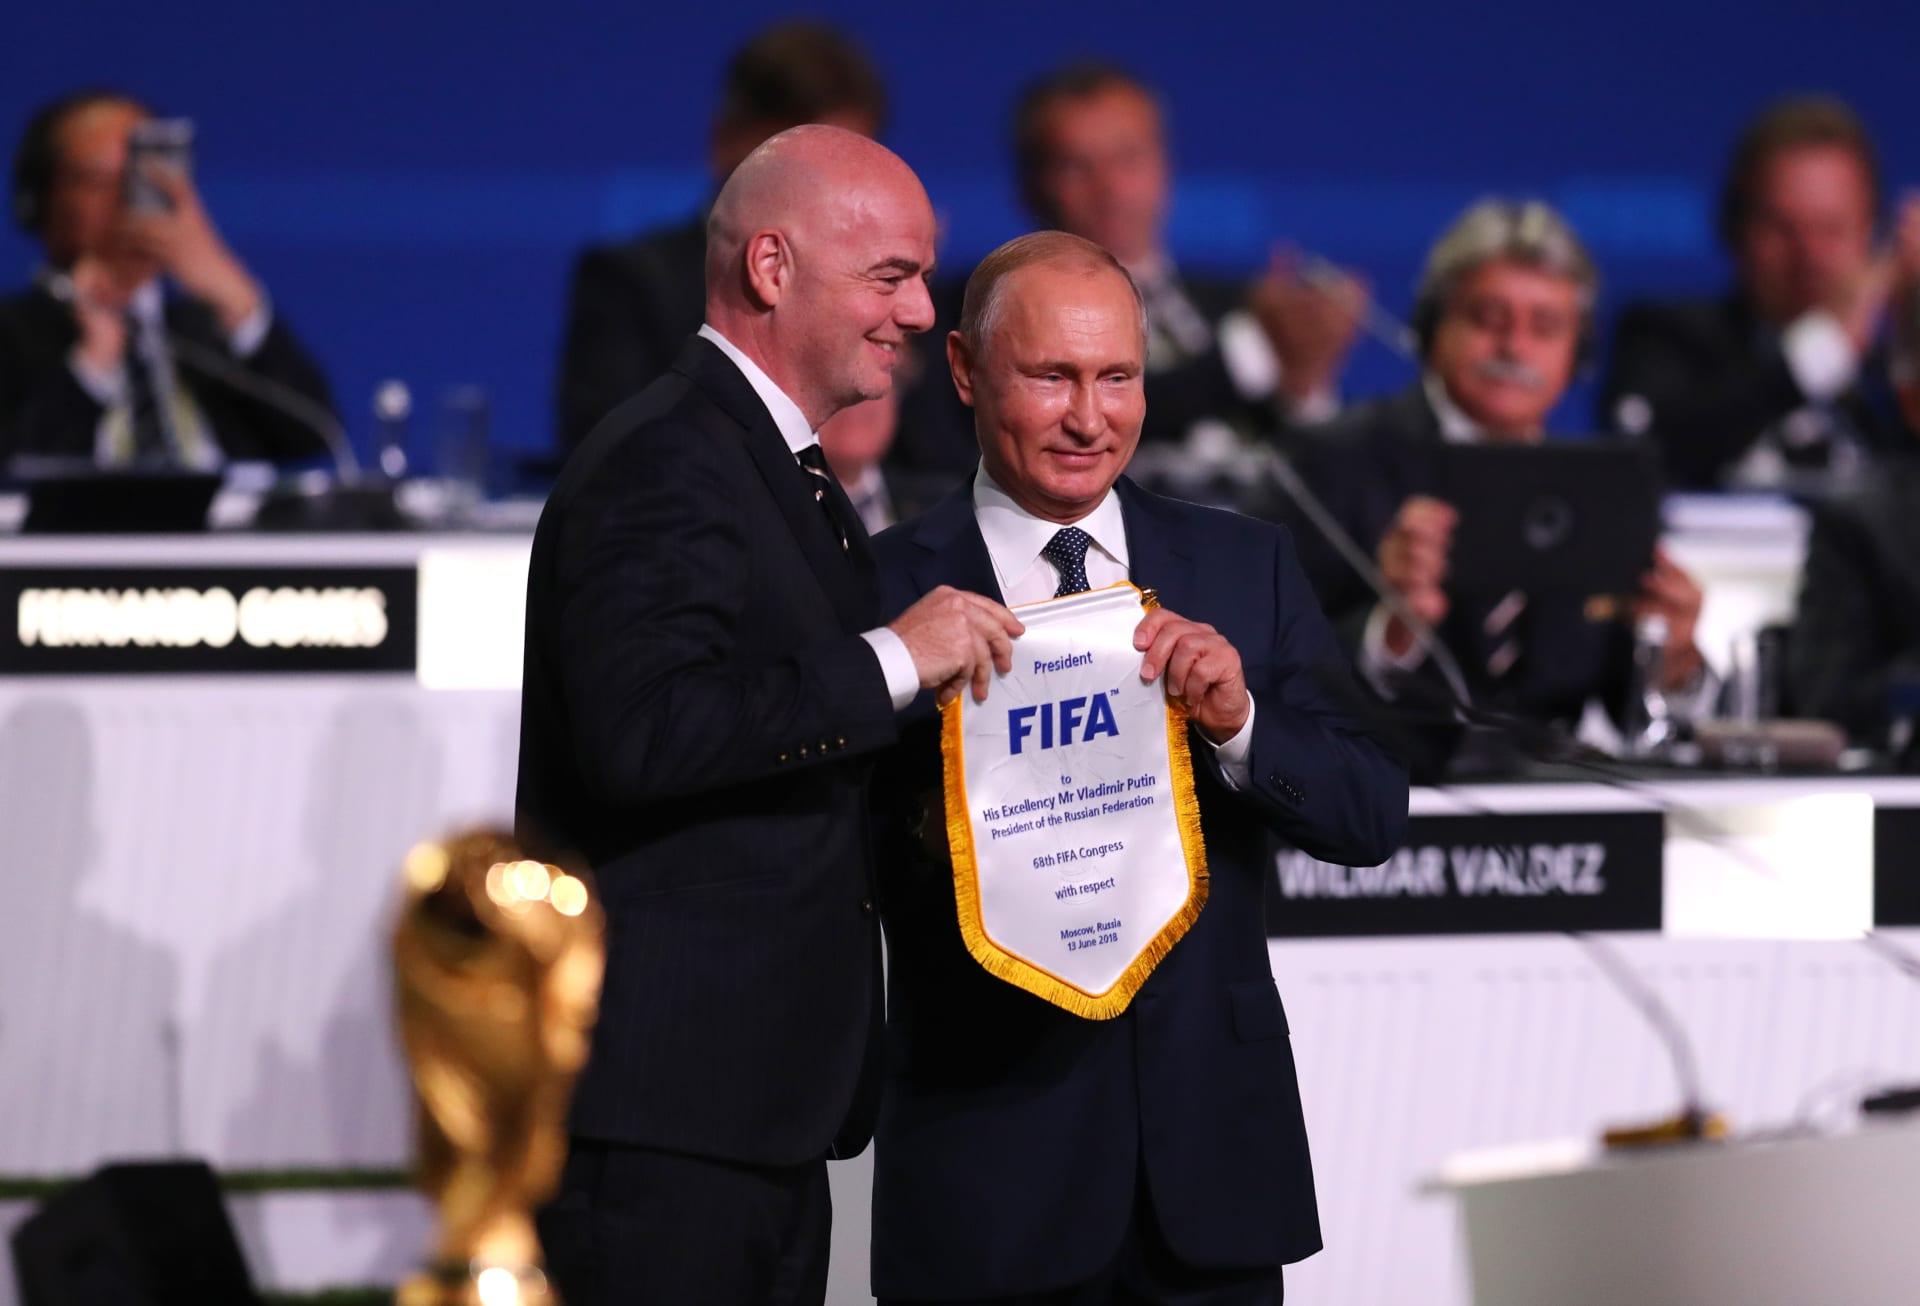 إلى جانب بوتين... من سيحضر المباراة النهائية من قادة العالم؟